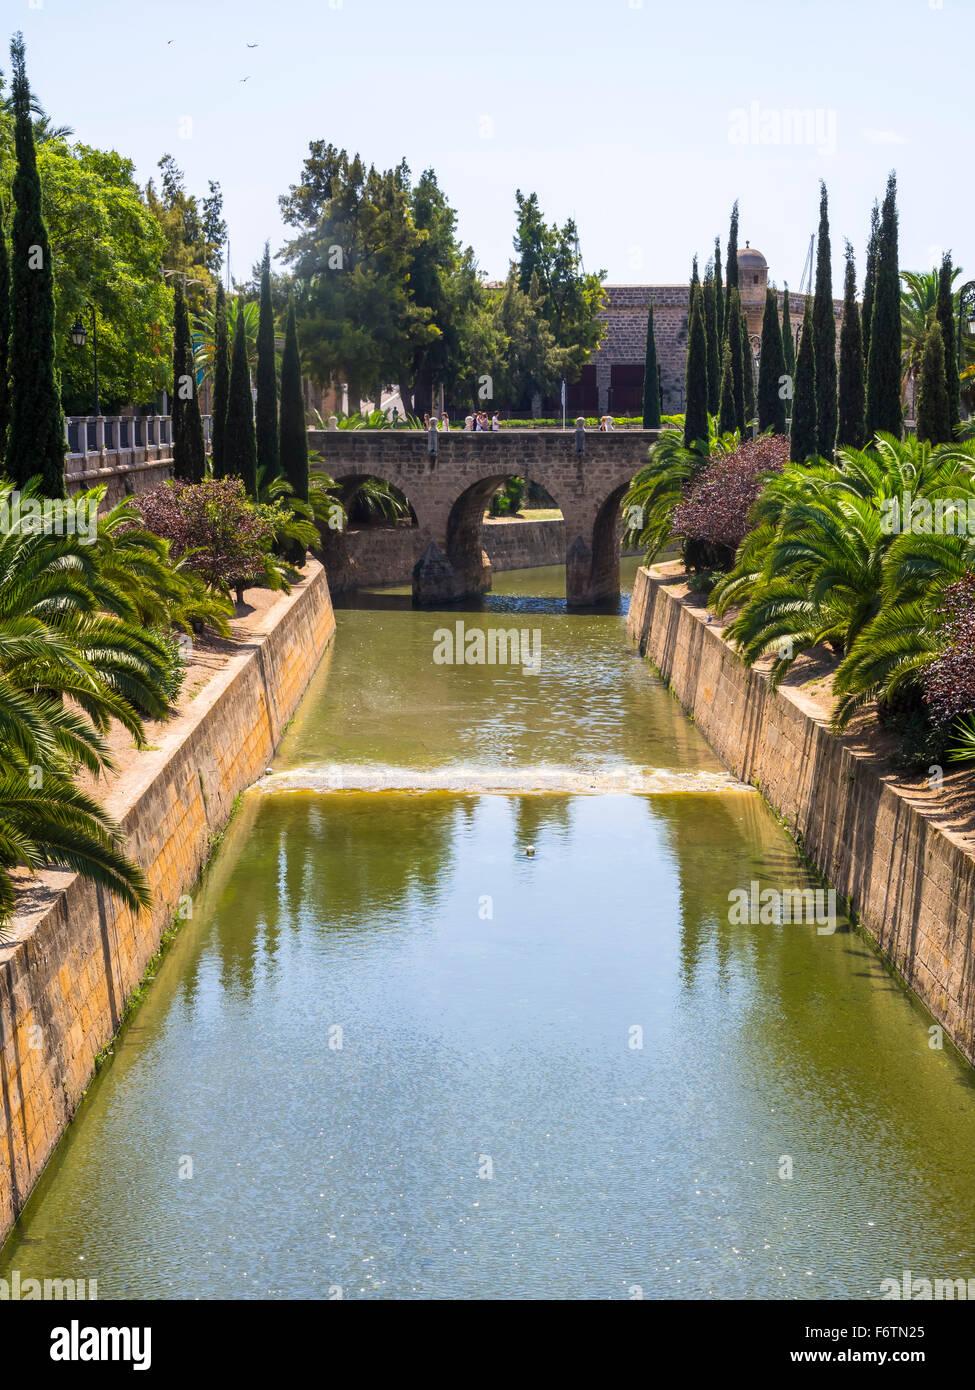 Spain, Mallorca, Palma de Mallorca, City canal Sa Rierra, Porta de Santa Catalina - Stock Image